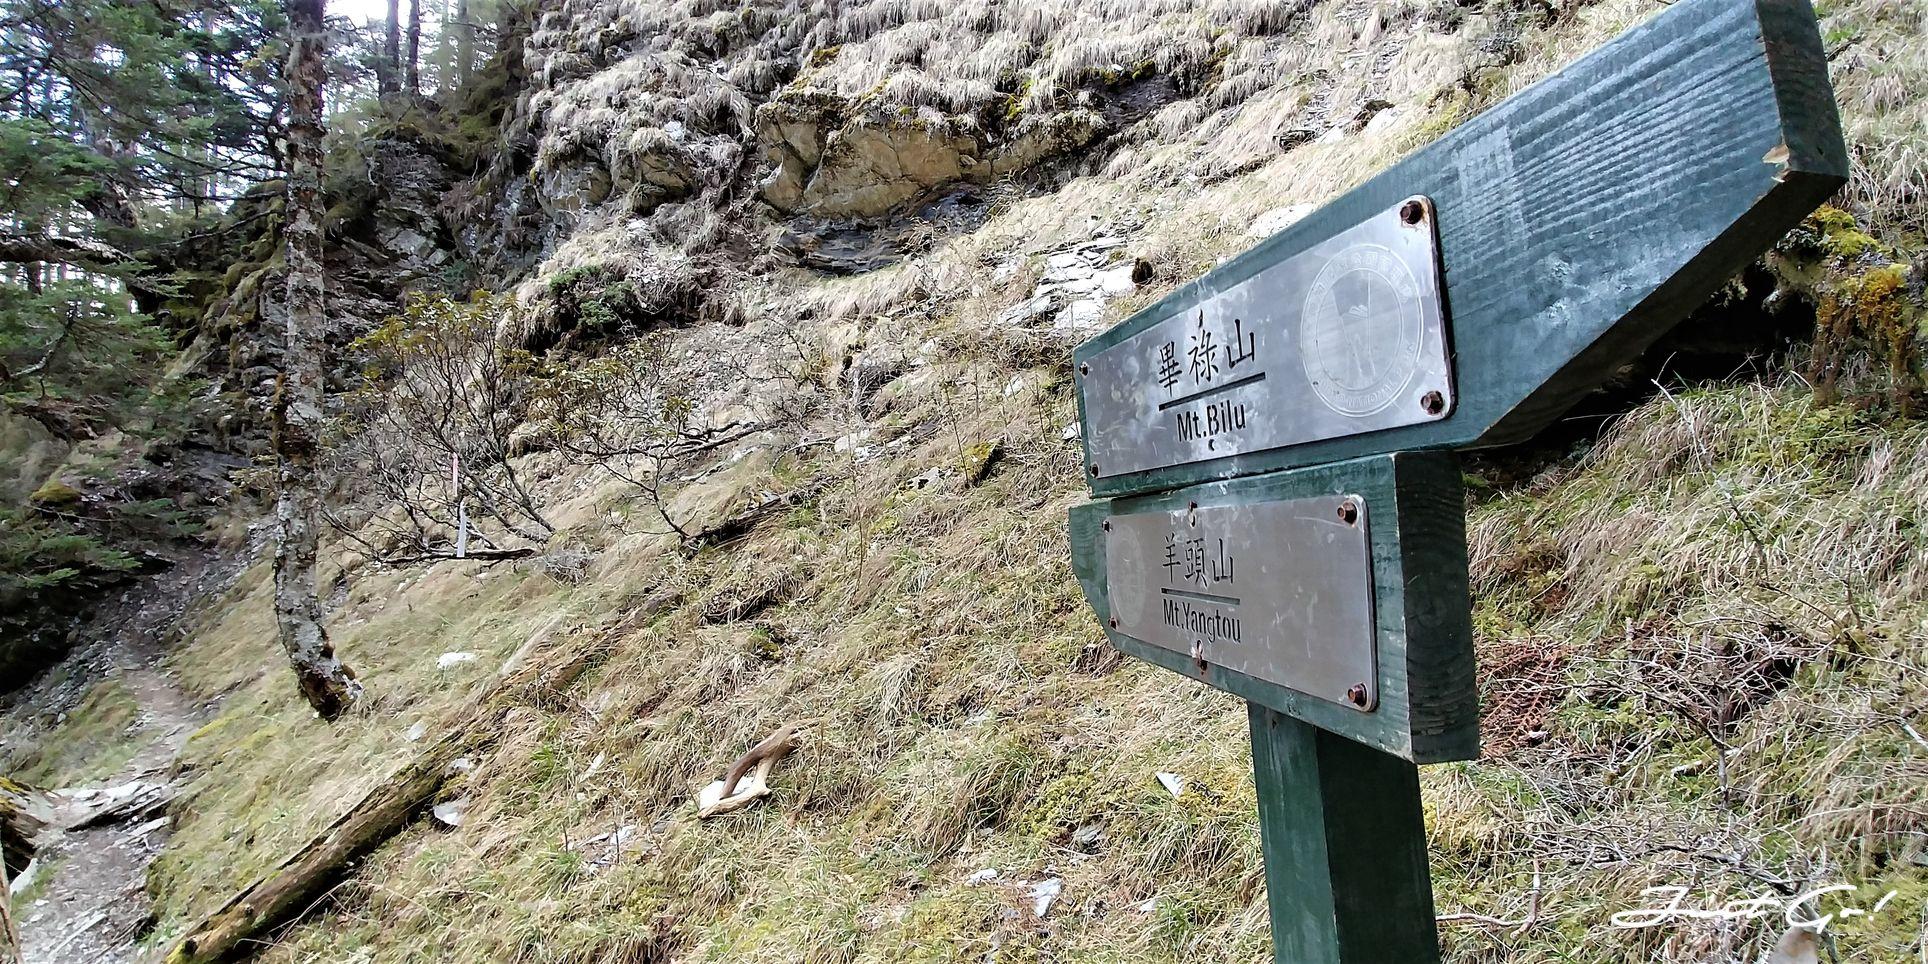 台灣 - 一日百岳·畢祿羊頭縱走單攻紀錄- gpx路線、申請、接駁及遊記10